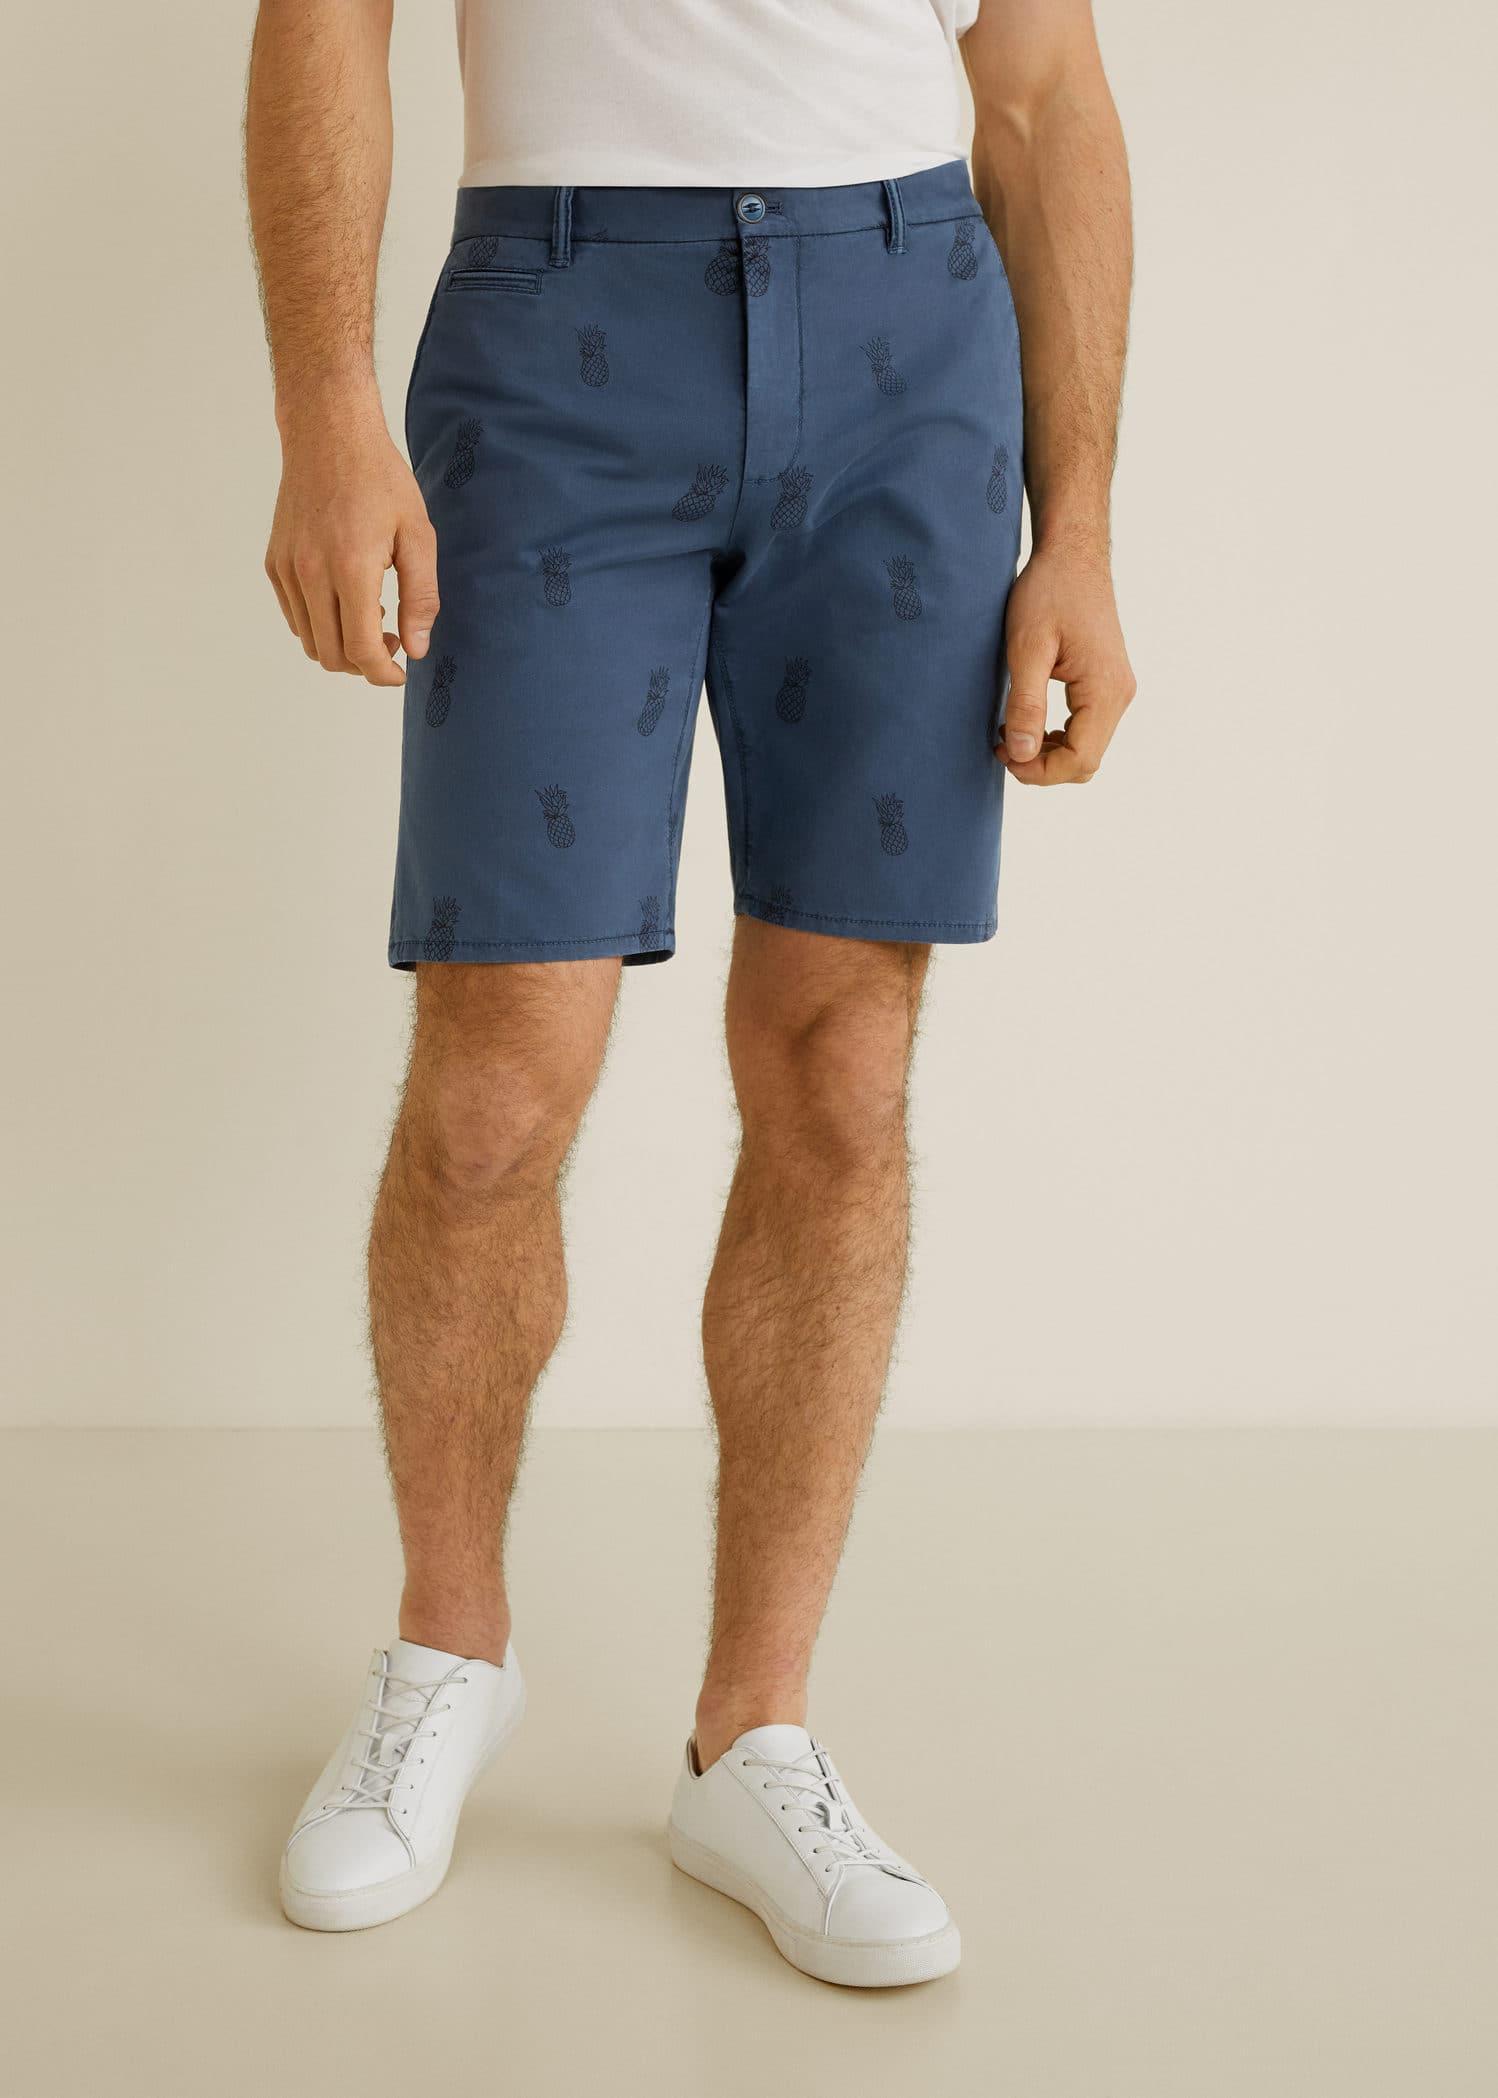 ManMango Cotton Printed China Bermuda Shorts Flc13TJK